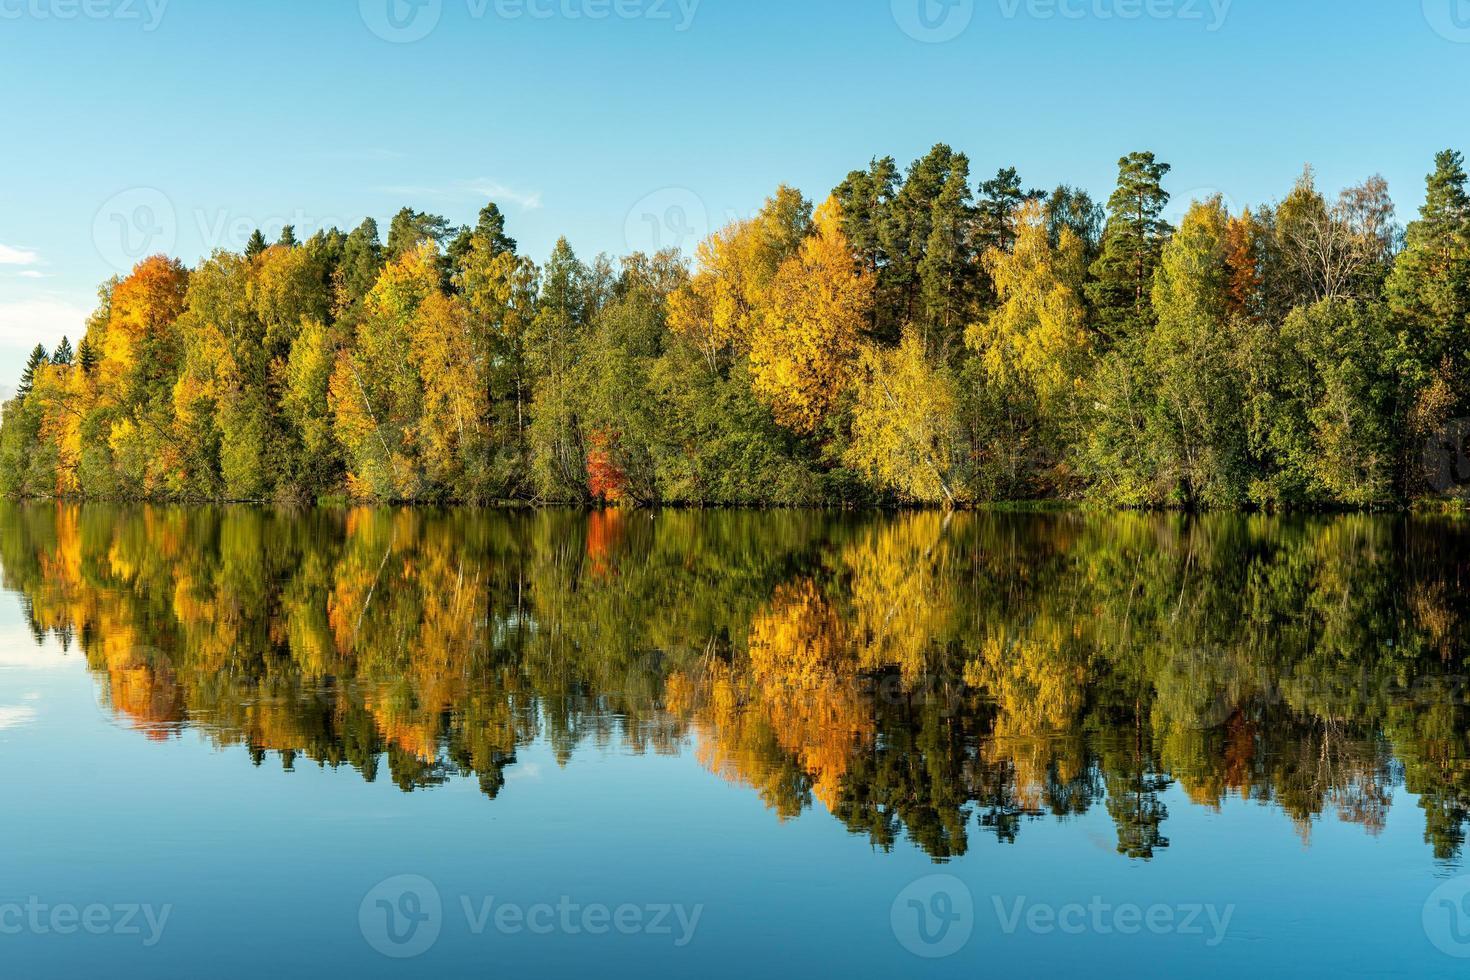 albero riflesso nell'acqua foto